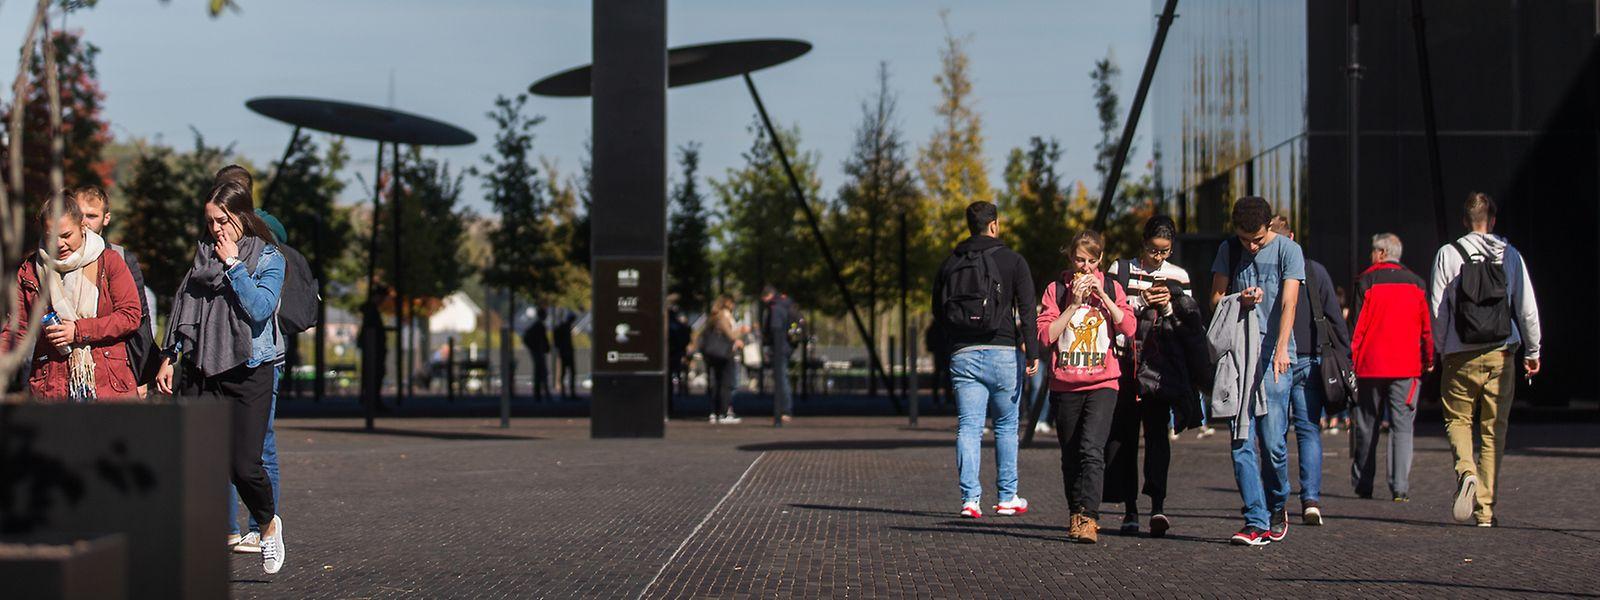 Neue Leute kennenlernen - das ist ein Hauptgrund für ein Erasmusstudium. In Pandemiezeiten eine Herausforderung.